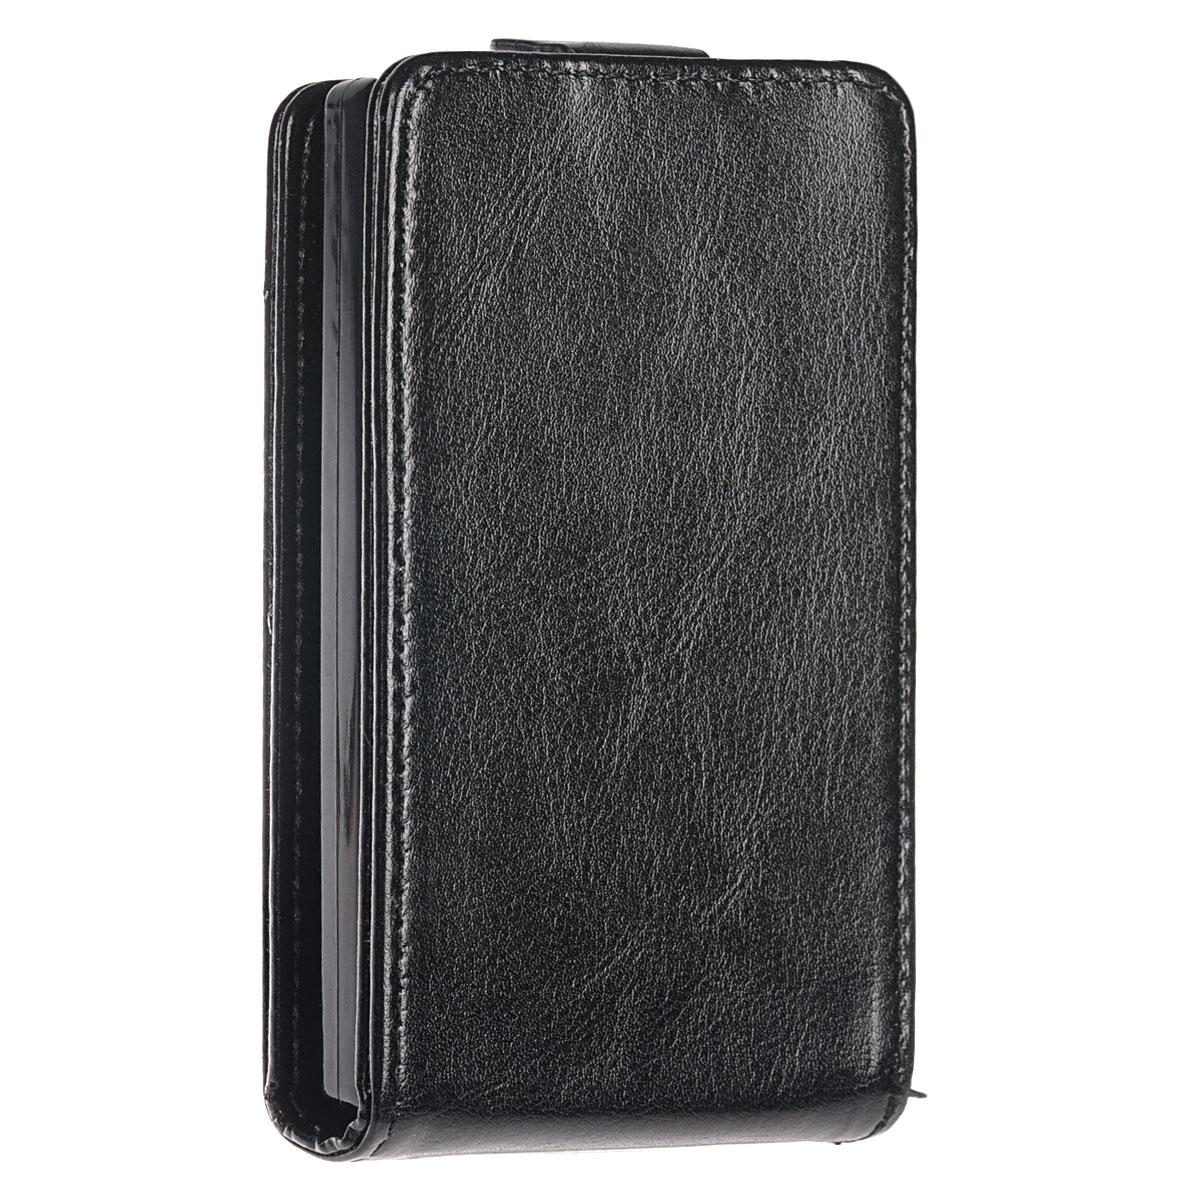 Skinbox Flip Case чехол для Nokia X2, BlackT-F-NX2Чехол-накладка Skinbox 4People для Nokia X2 бережно и надежно защитит ваш смартфон от пыли, грязи, царапин и других повреждений. Выполнен из высококачественного поликарбоната, плотно прилегает и не скользит в руках. Чехол-накладка оставляет свободным доступ ко всем разъемам и кнопкам устройства.